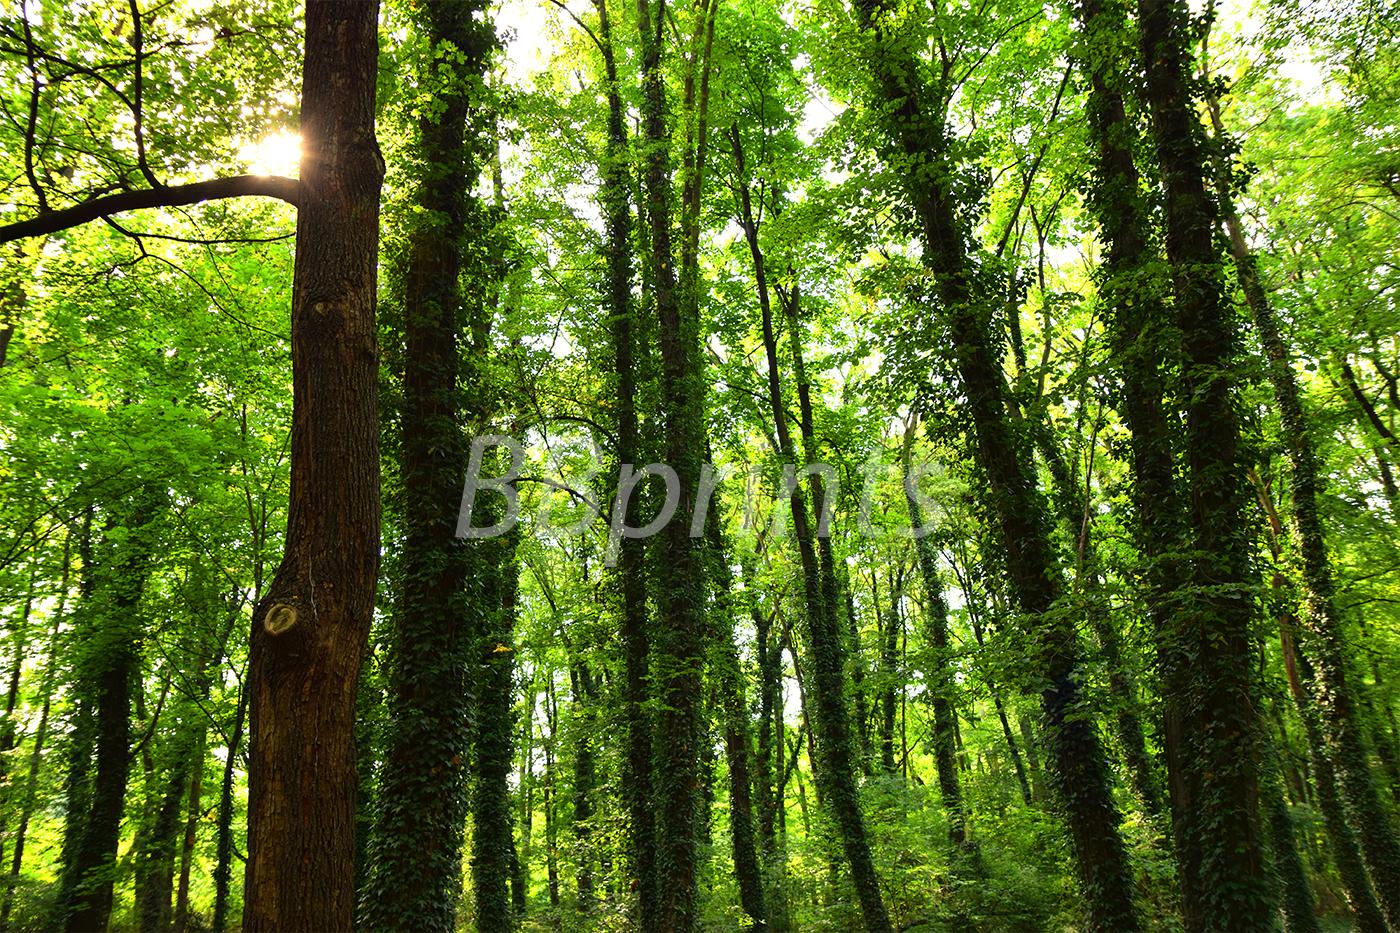 Nature photo, landscape photo, forest photo, spring photo example image 1